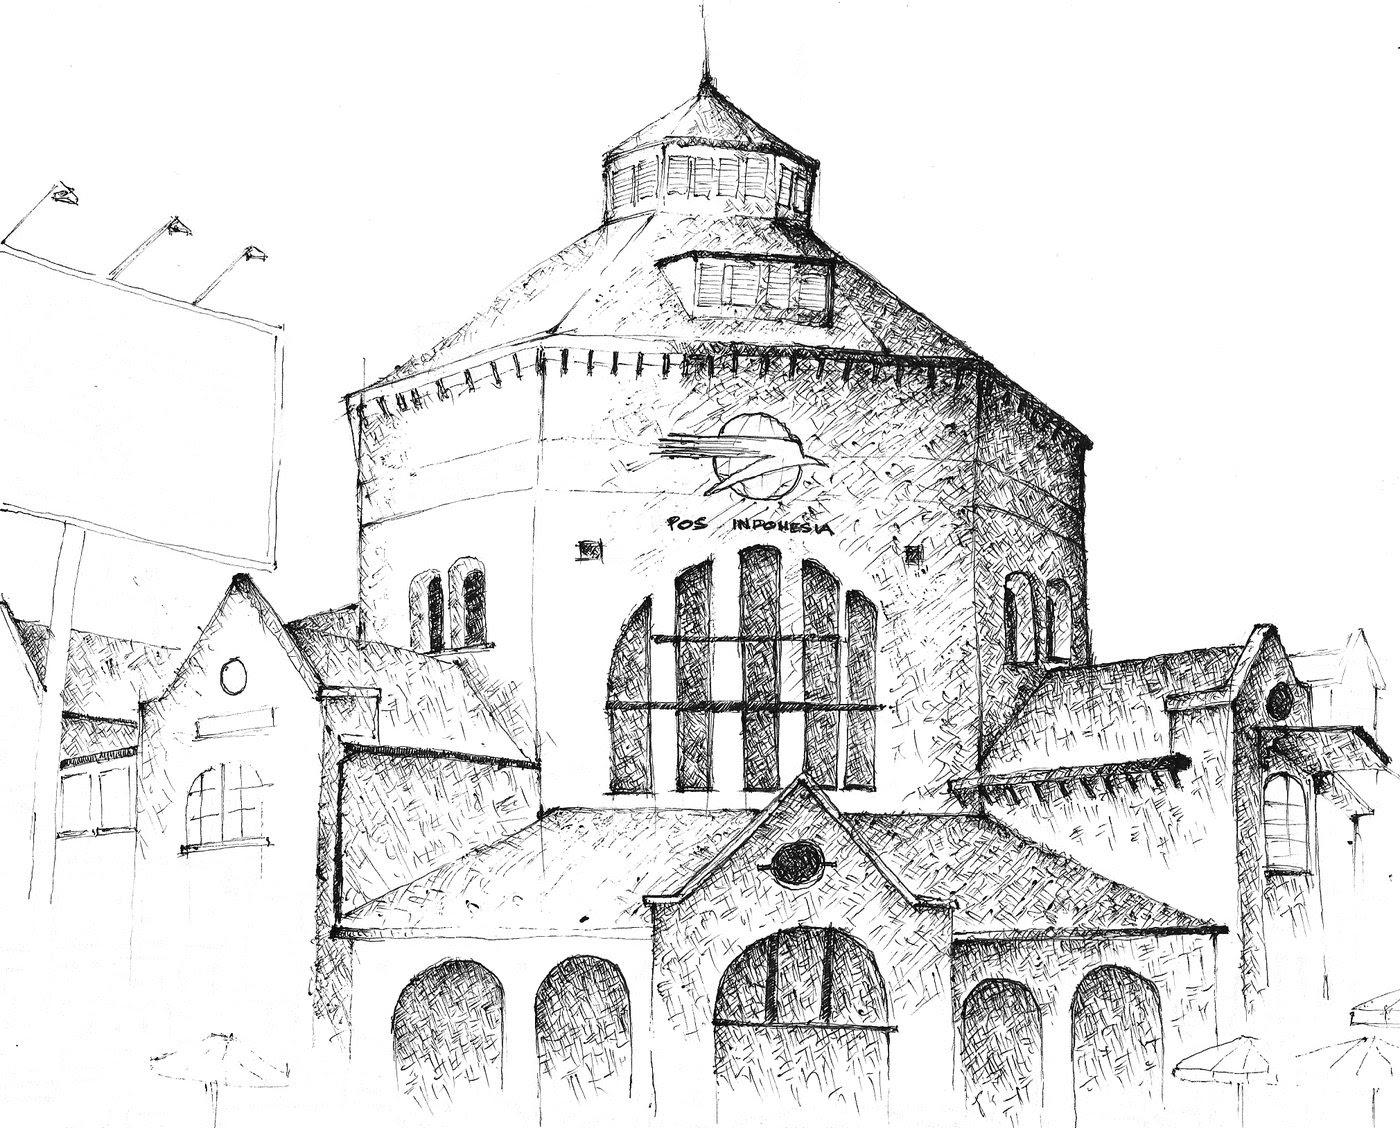 Kumpulan Contoh Gambar Sketsa Bangunan Tua